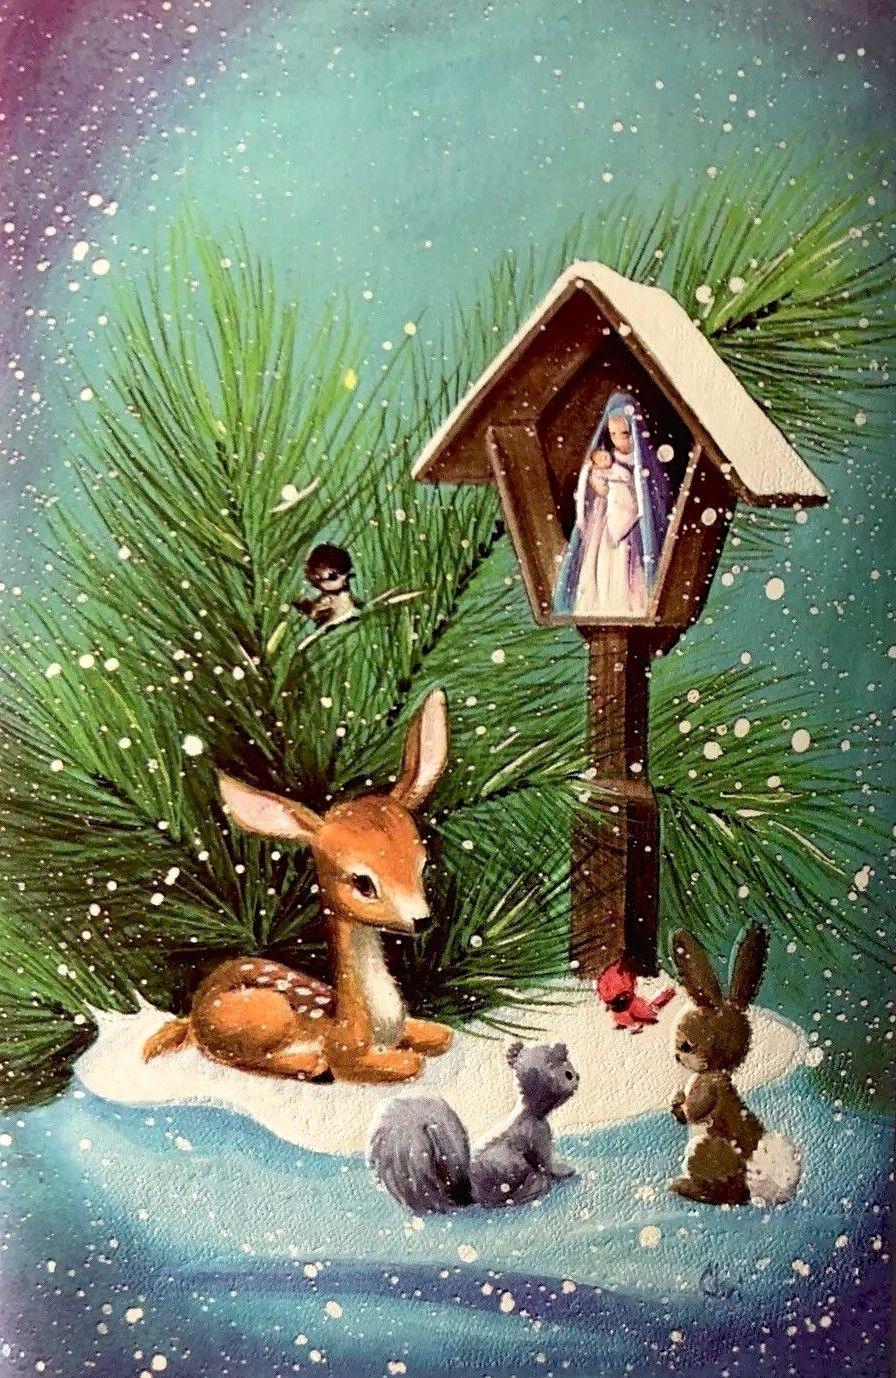 Vintage Christmas Card Christmas Card Art Christmas Art